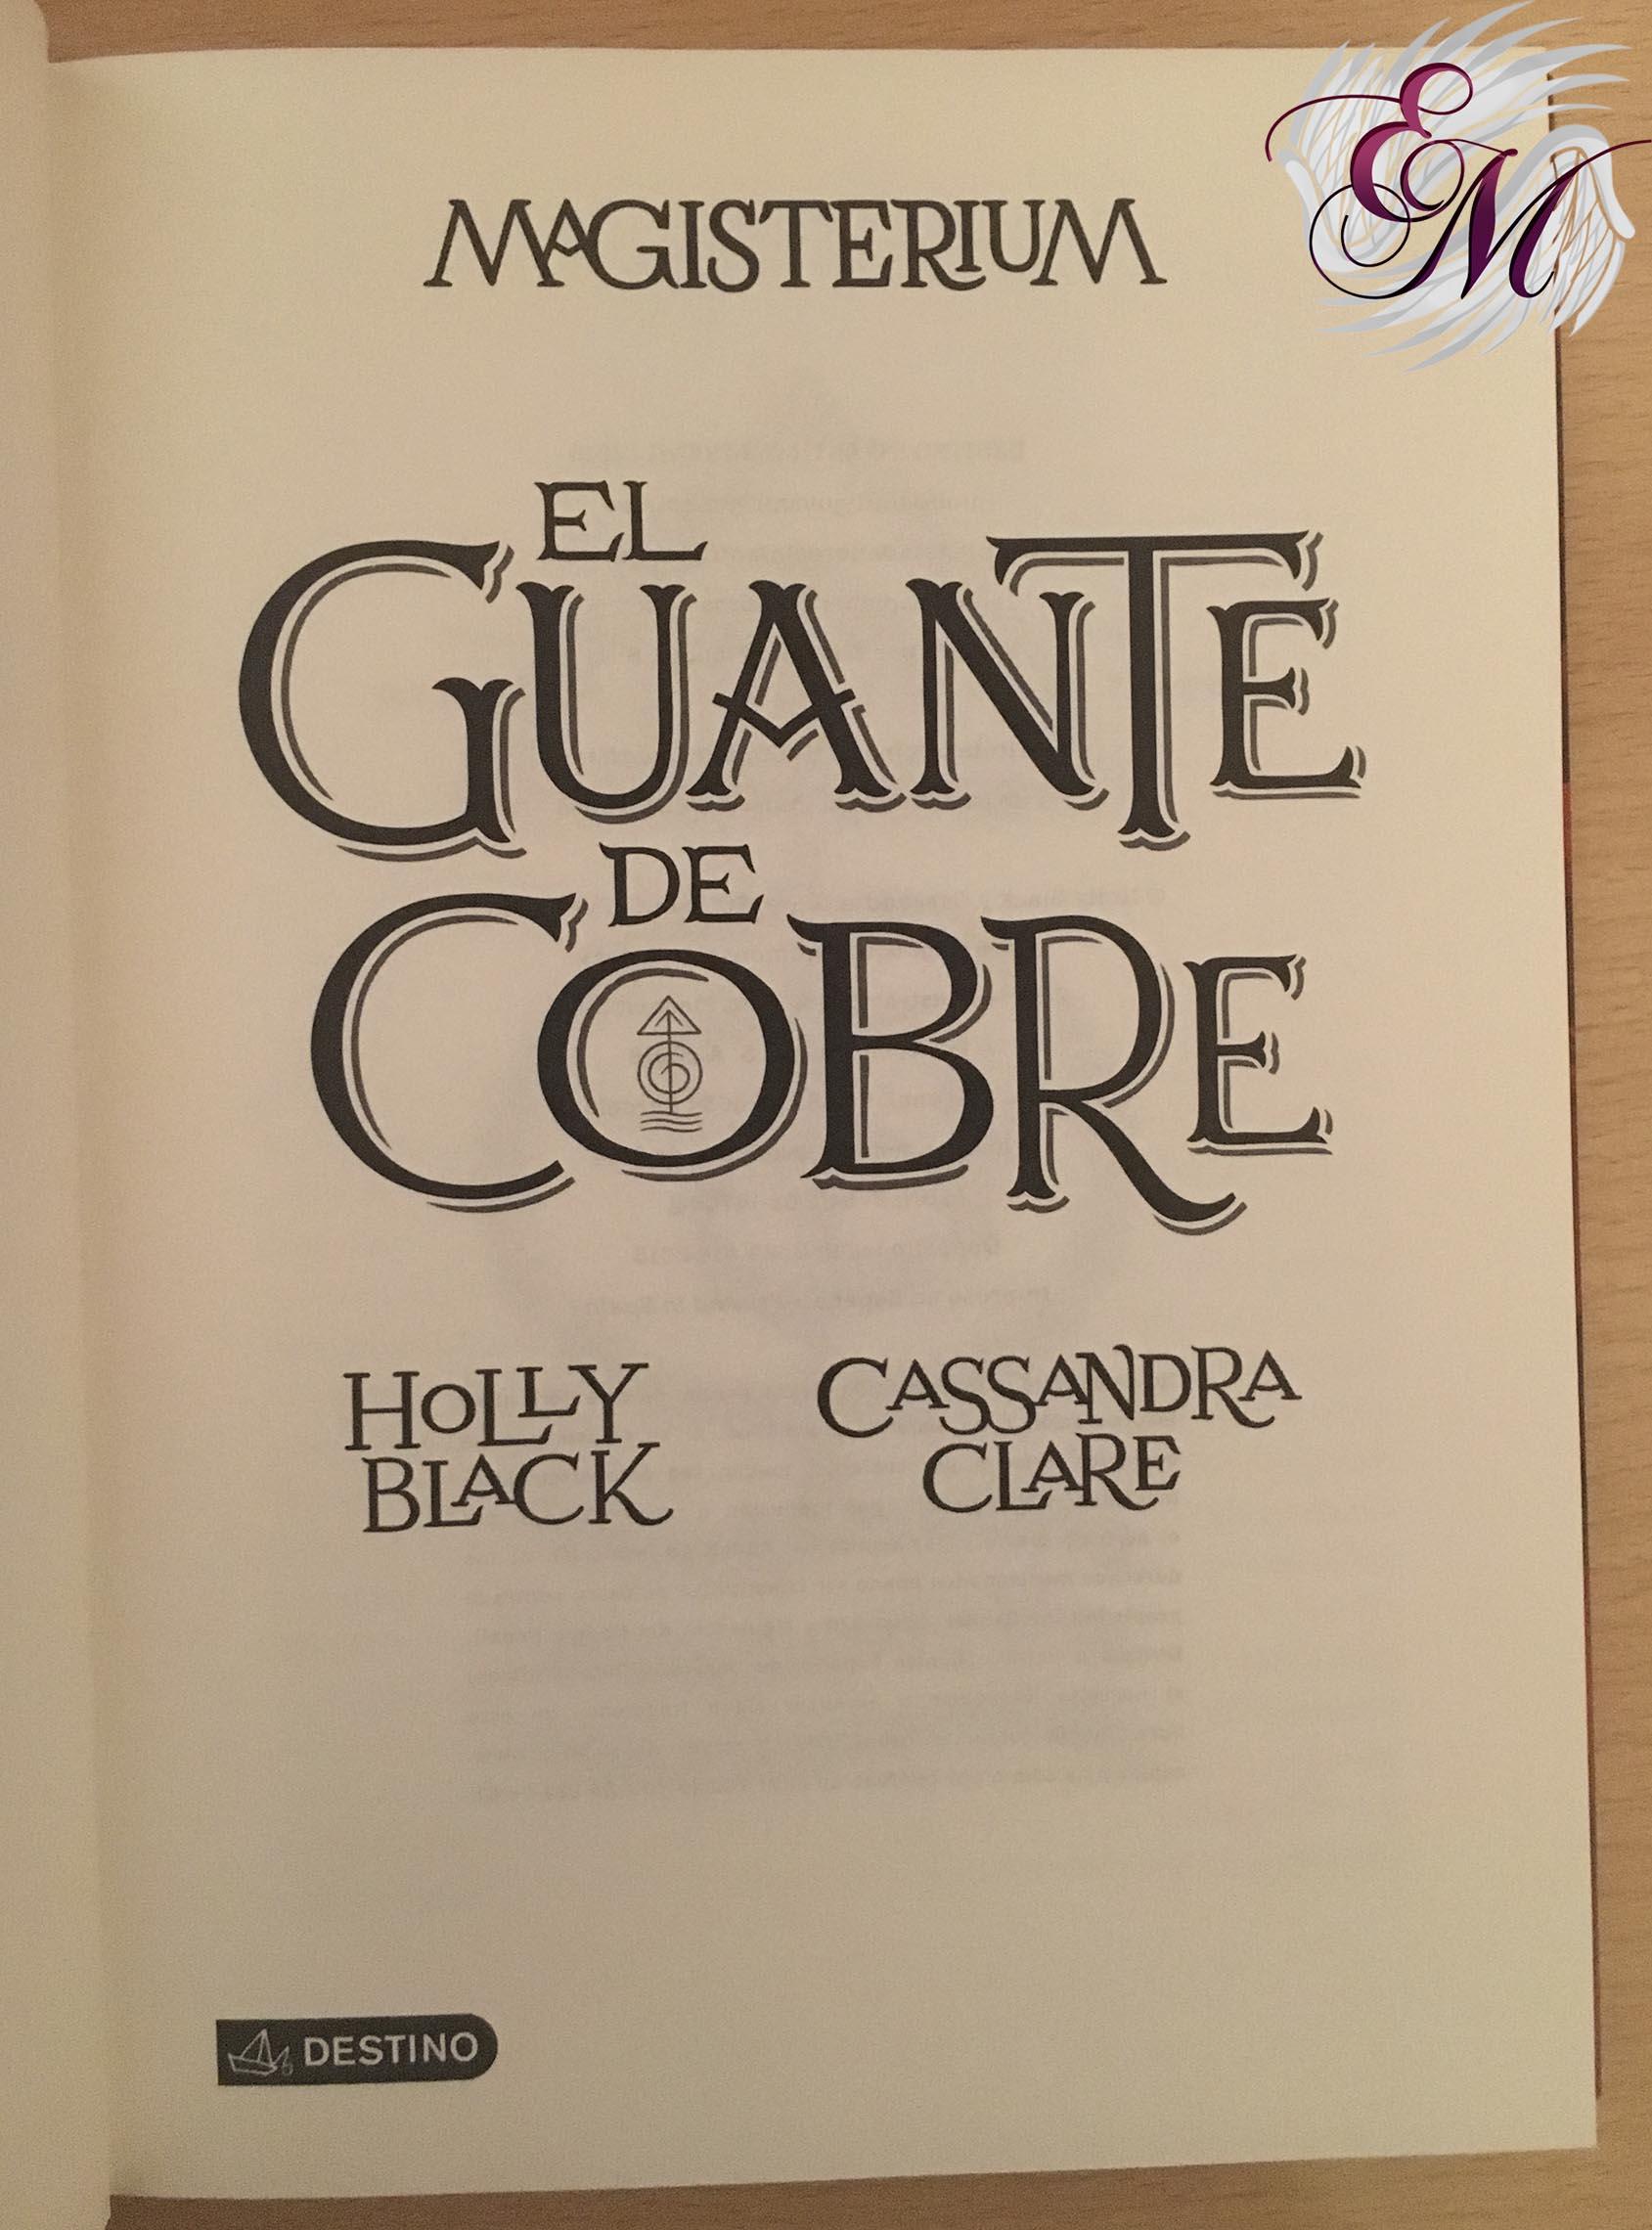 El guante de cobre, de Cassandra Clare y Holly Black - Reseña